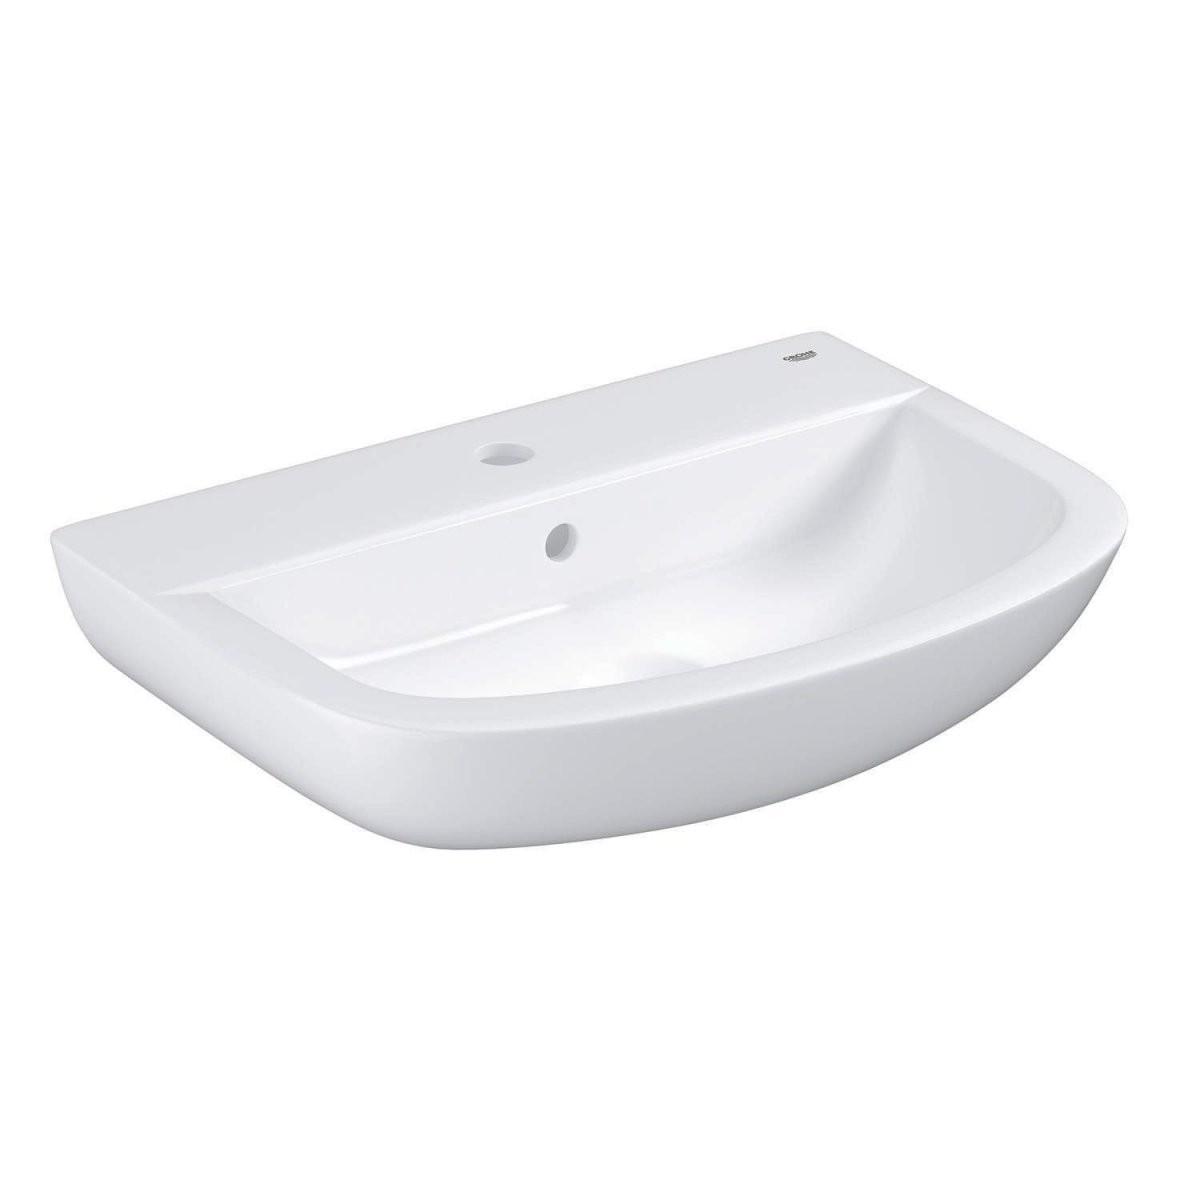 Waschbecken Mehr Als 10000 Angebote Fotos Preise ✓  Seite 220 von Waschbecken 25 Cm Tief Bild